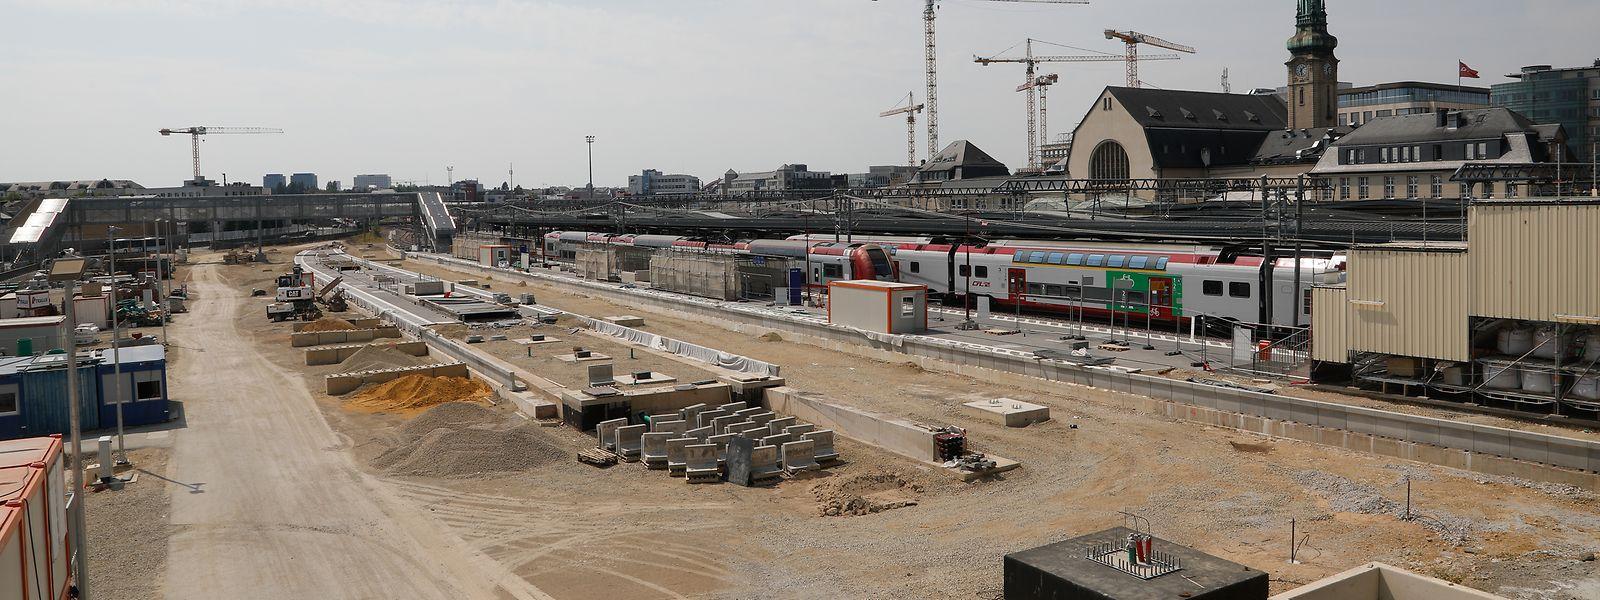 Um die Transportkapazitäten zu erhöhen und jeder Bahnlinie ein eigenes Gleis zur Verfügung zu stellen, wird derzeit an zwei neuen Bahnsteigen gebaut.